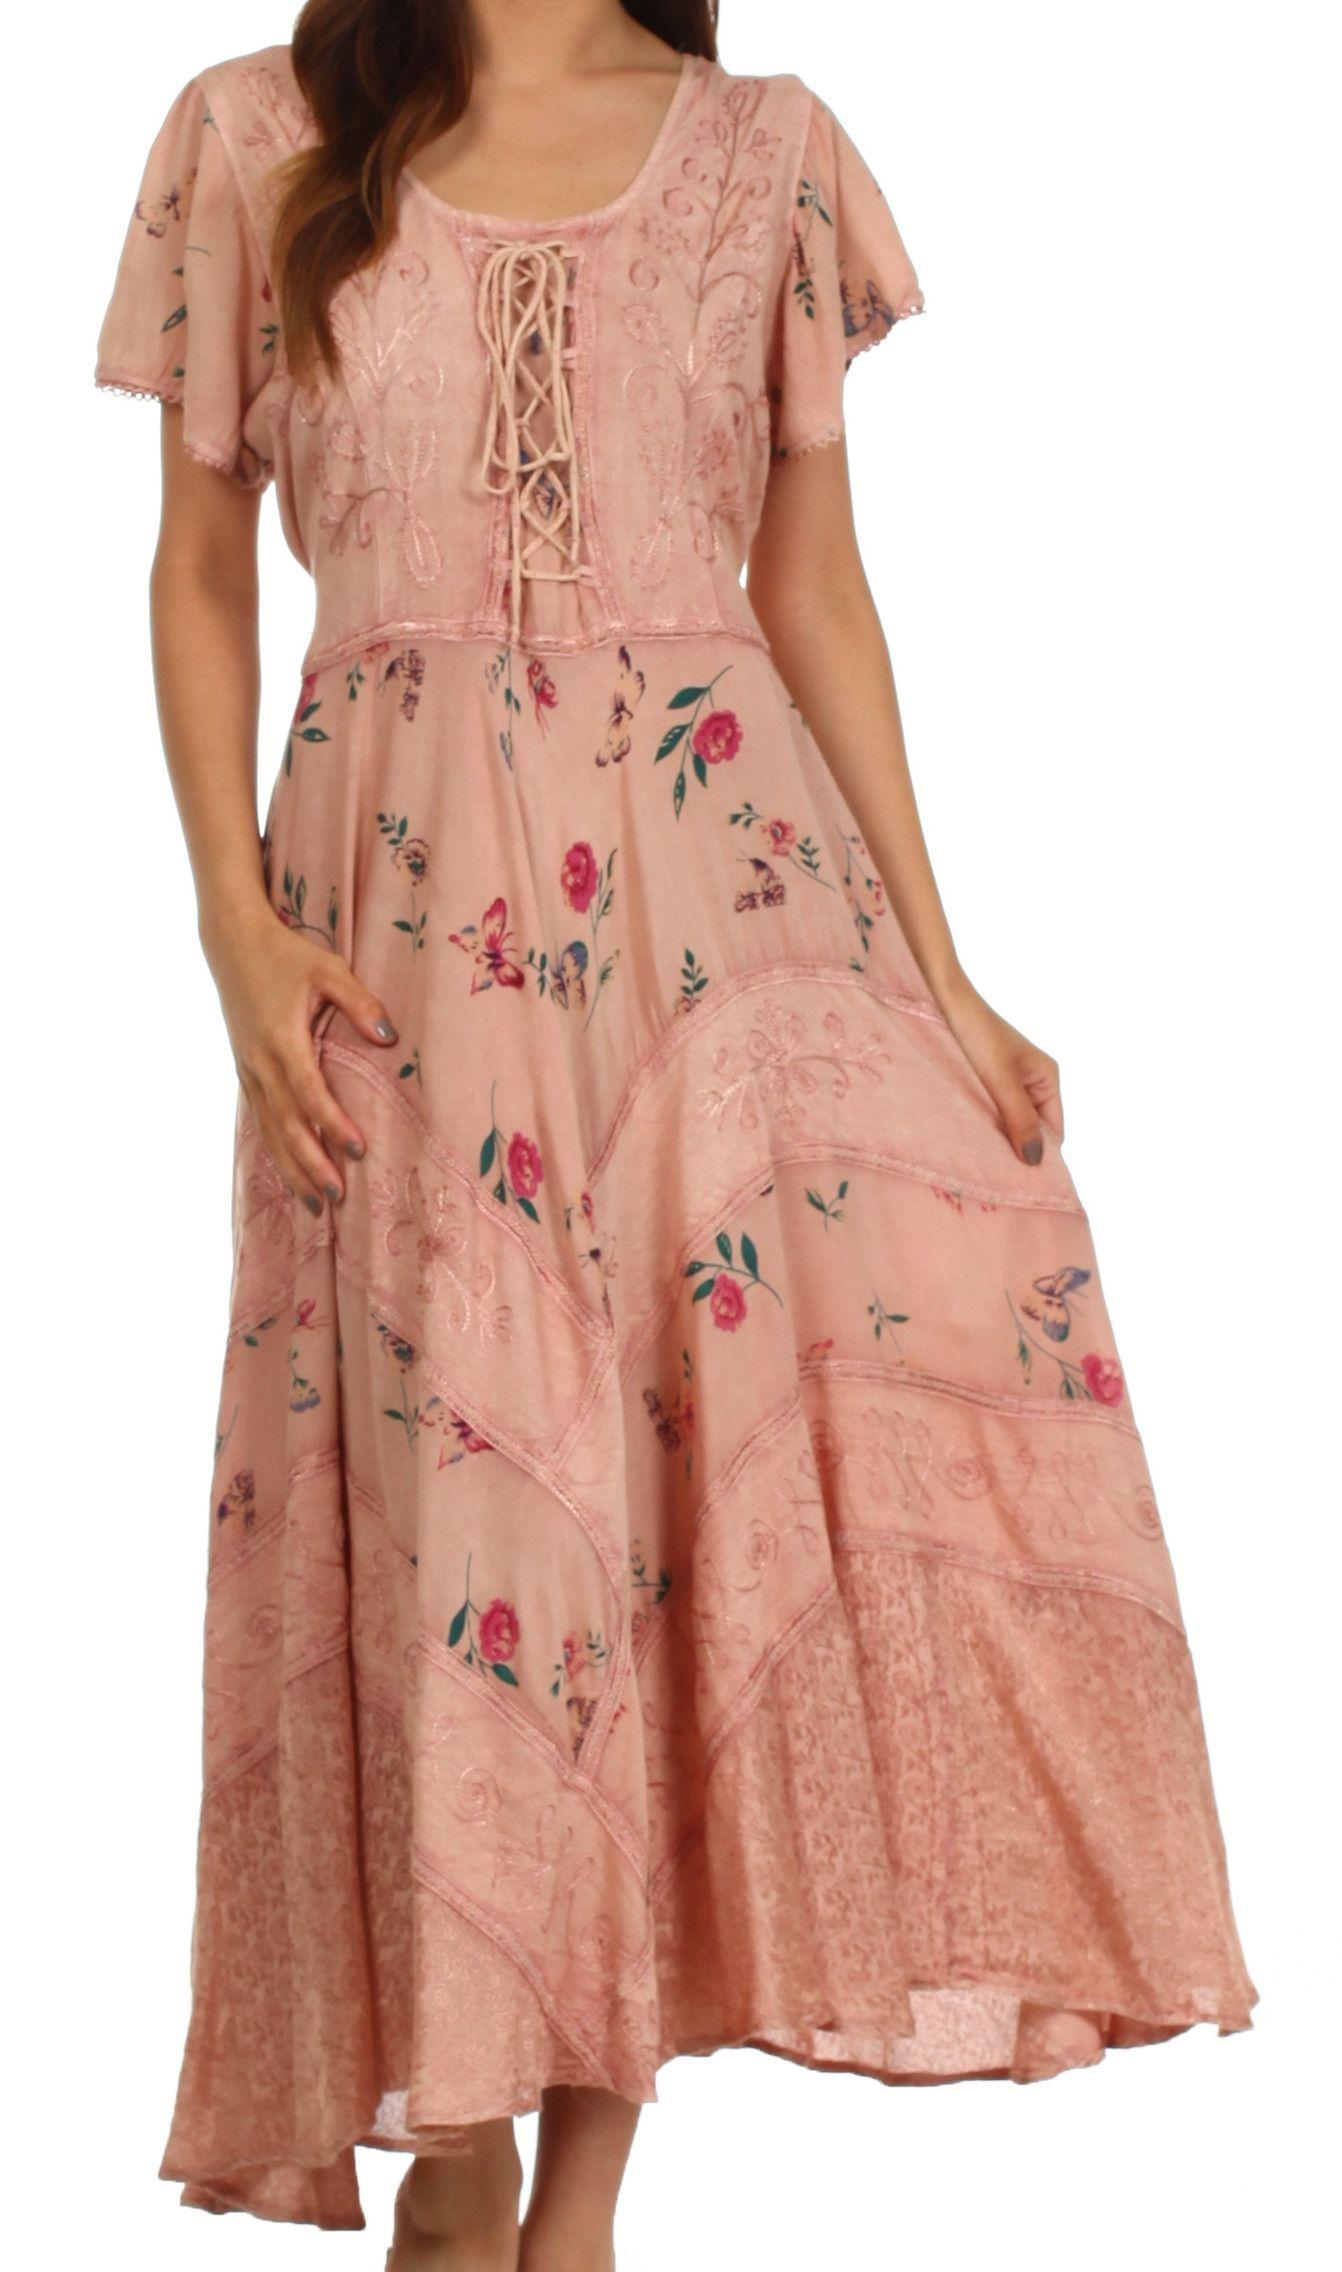 Sakkas calliope corset style dress sakkas teacher pinterest